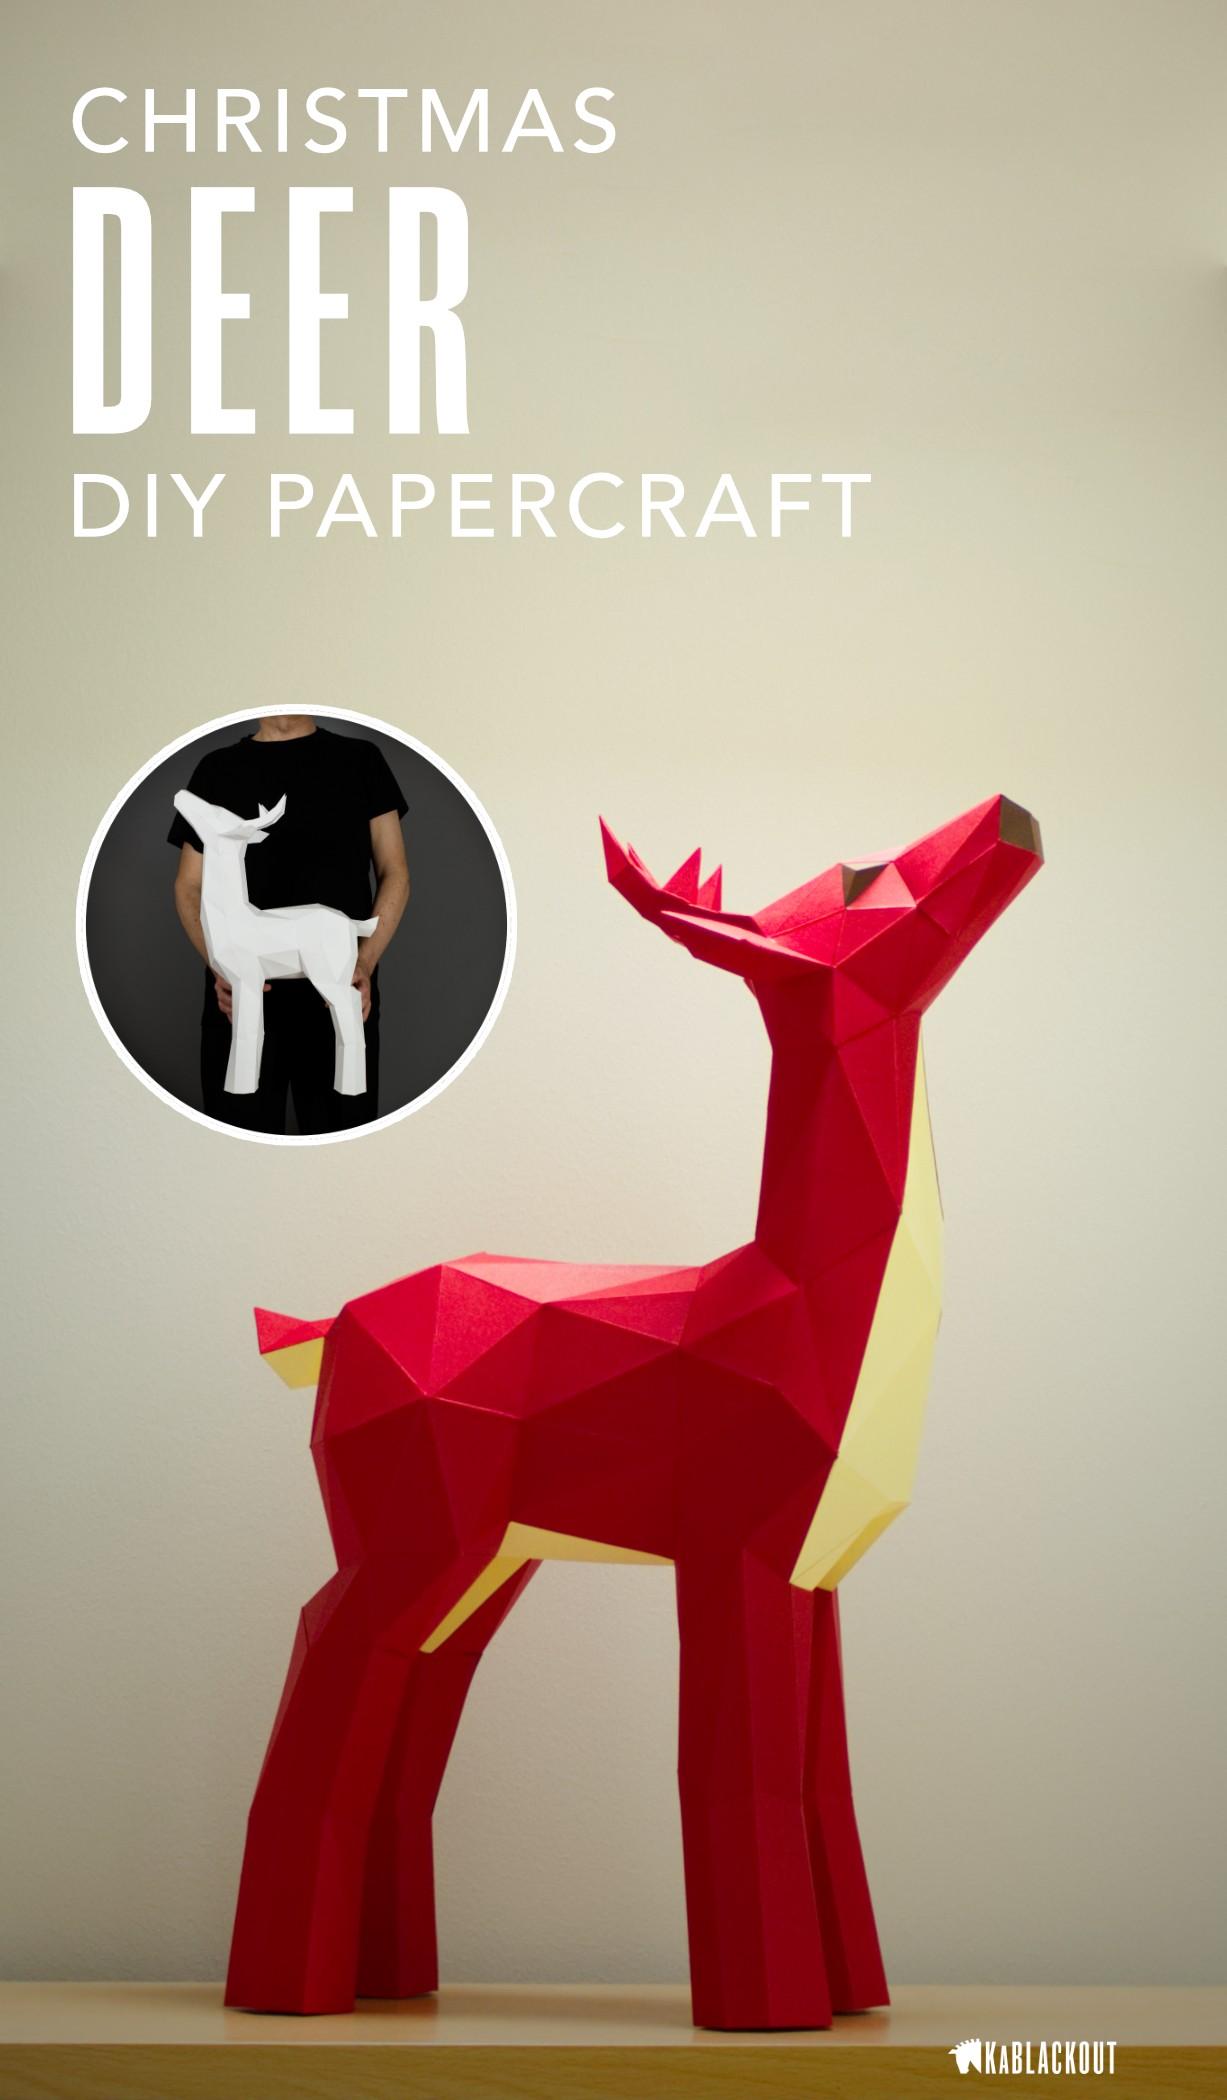 Diy Papercraft Deer Papercraft Papercraft Deer Diy Deer Low Poly Deer Deer